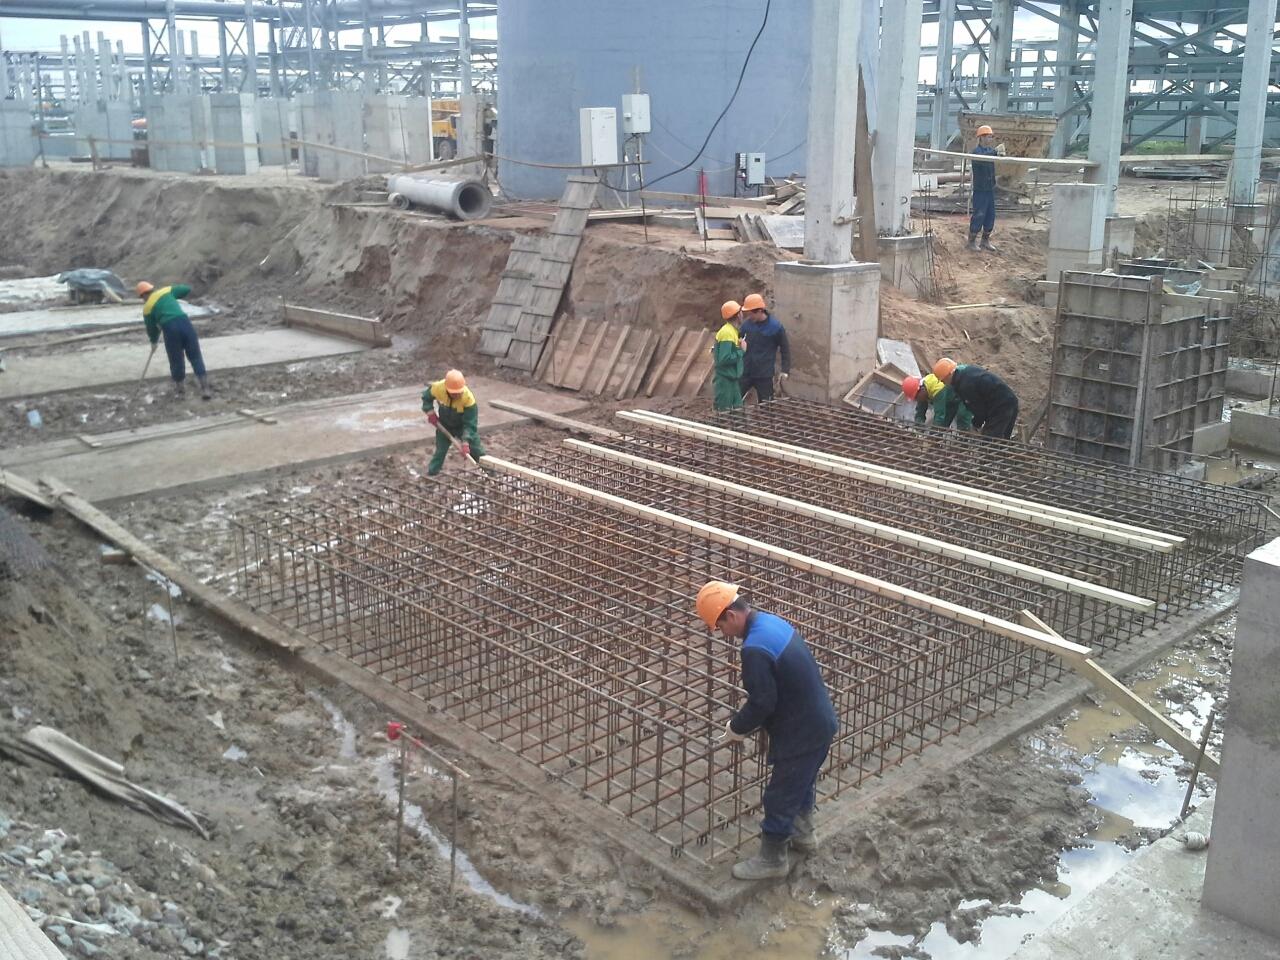 неё фото применение бетона в строительстве врачи, например, строгую